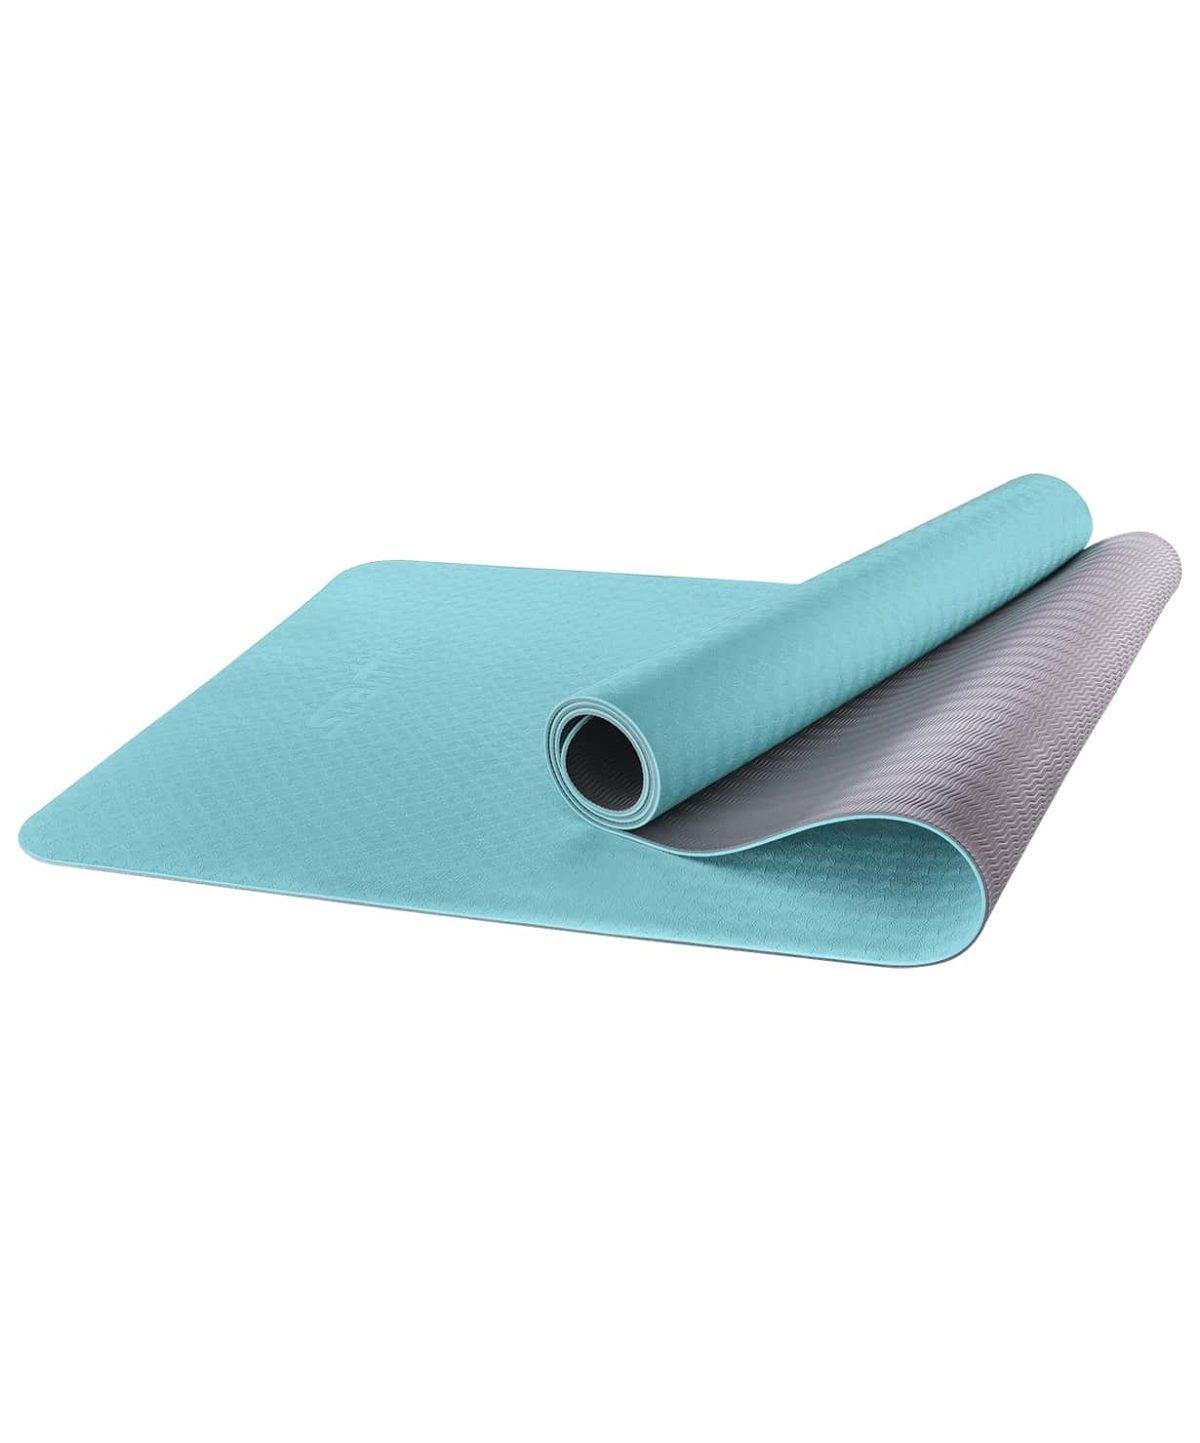 STARFIT Коврик для йоги FM-201 173х61х0,6 см - 1